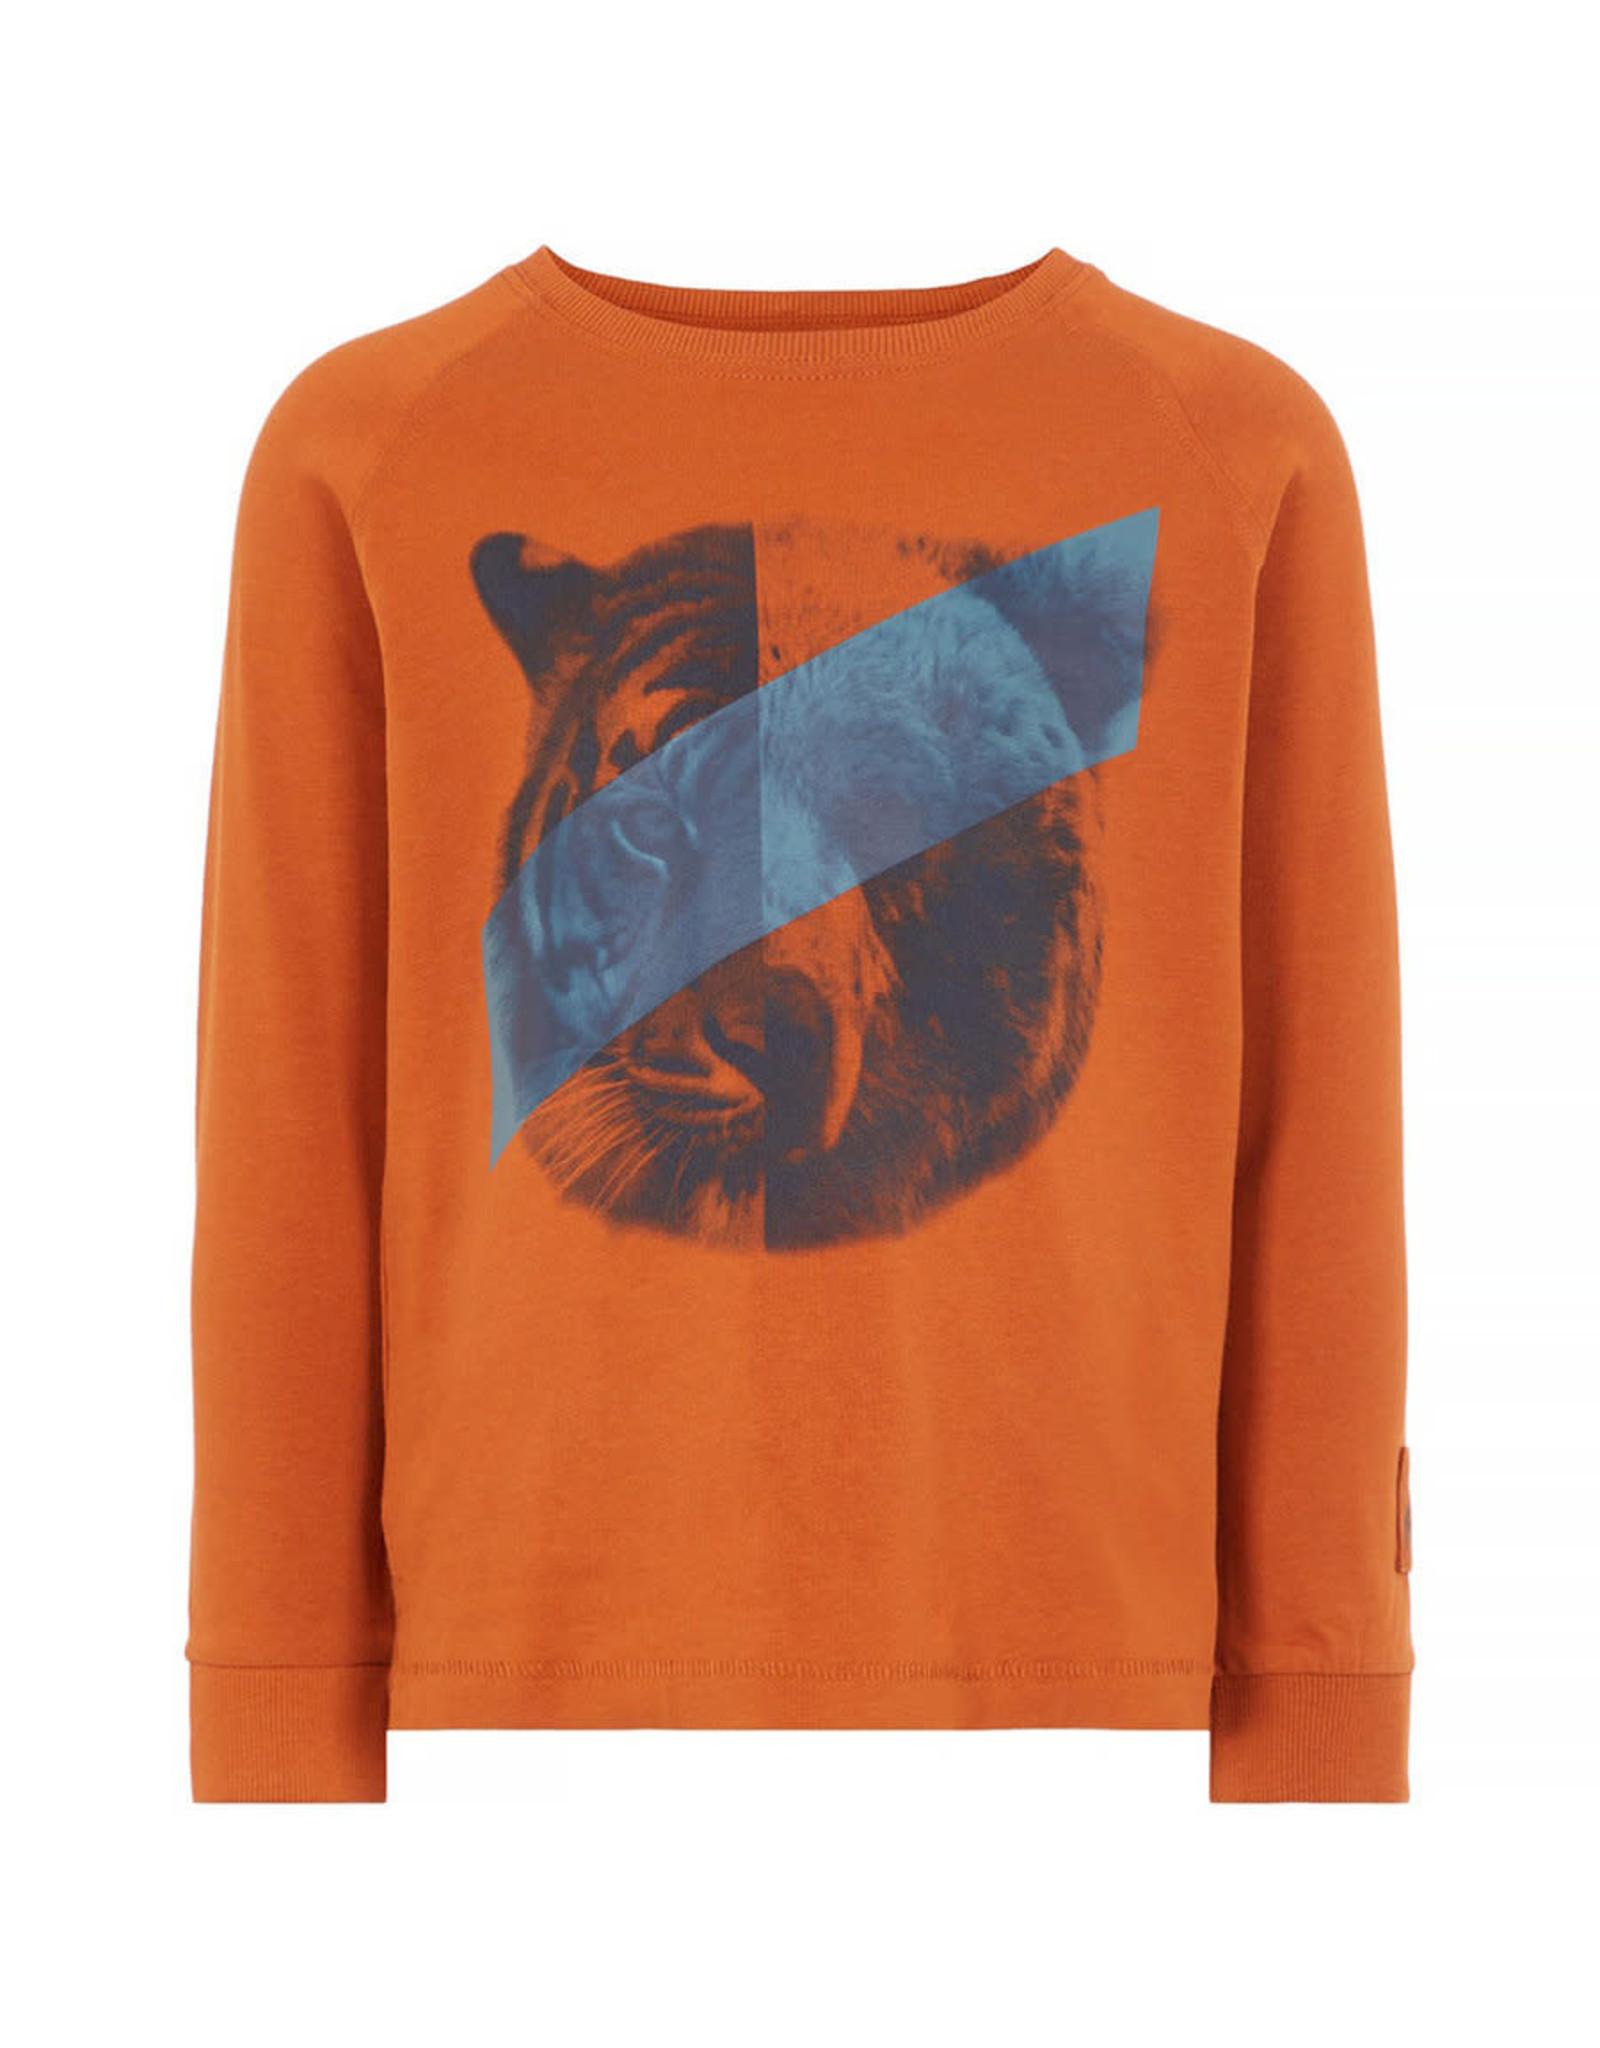 Name It T-shirt met beer/tijger (2 kleuren) van Name It